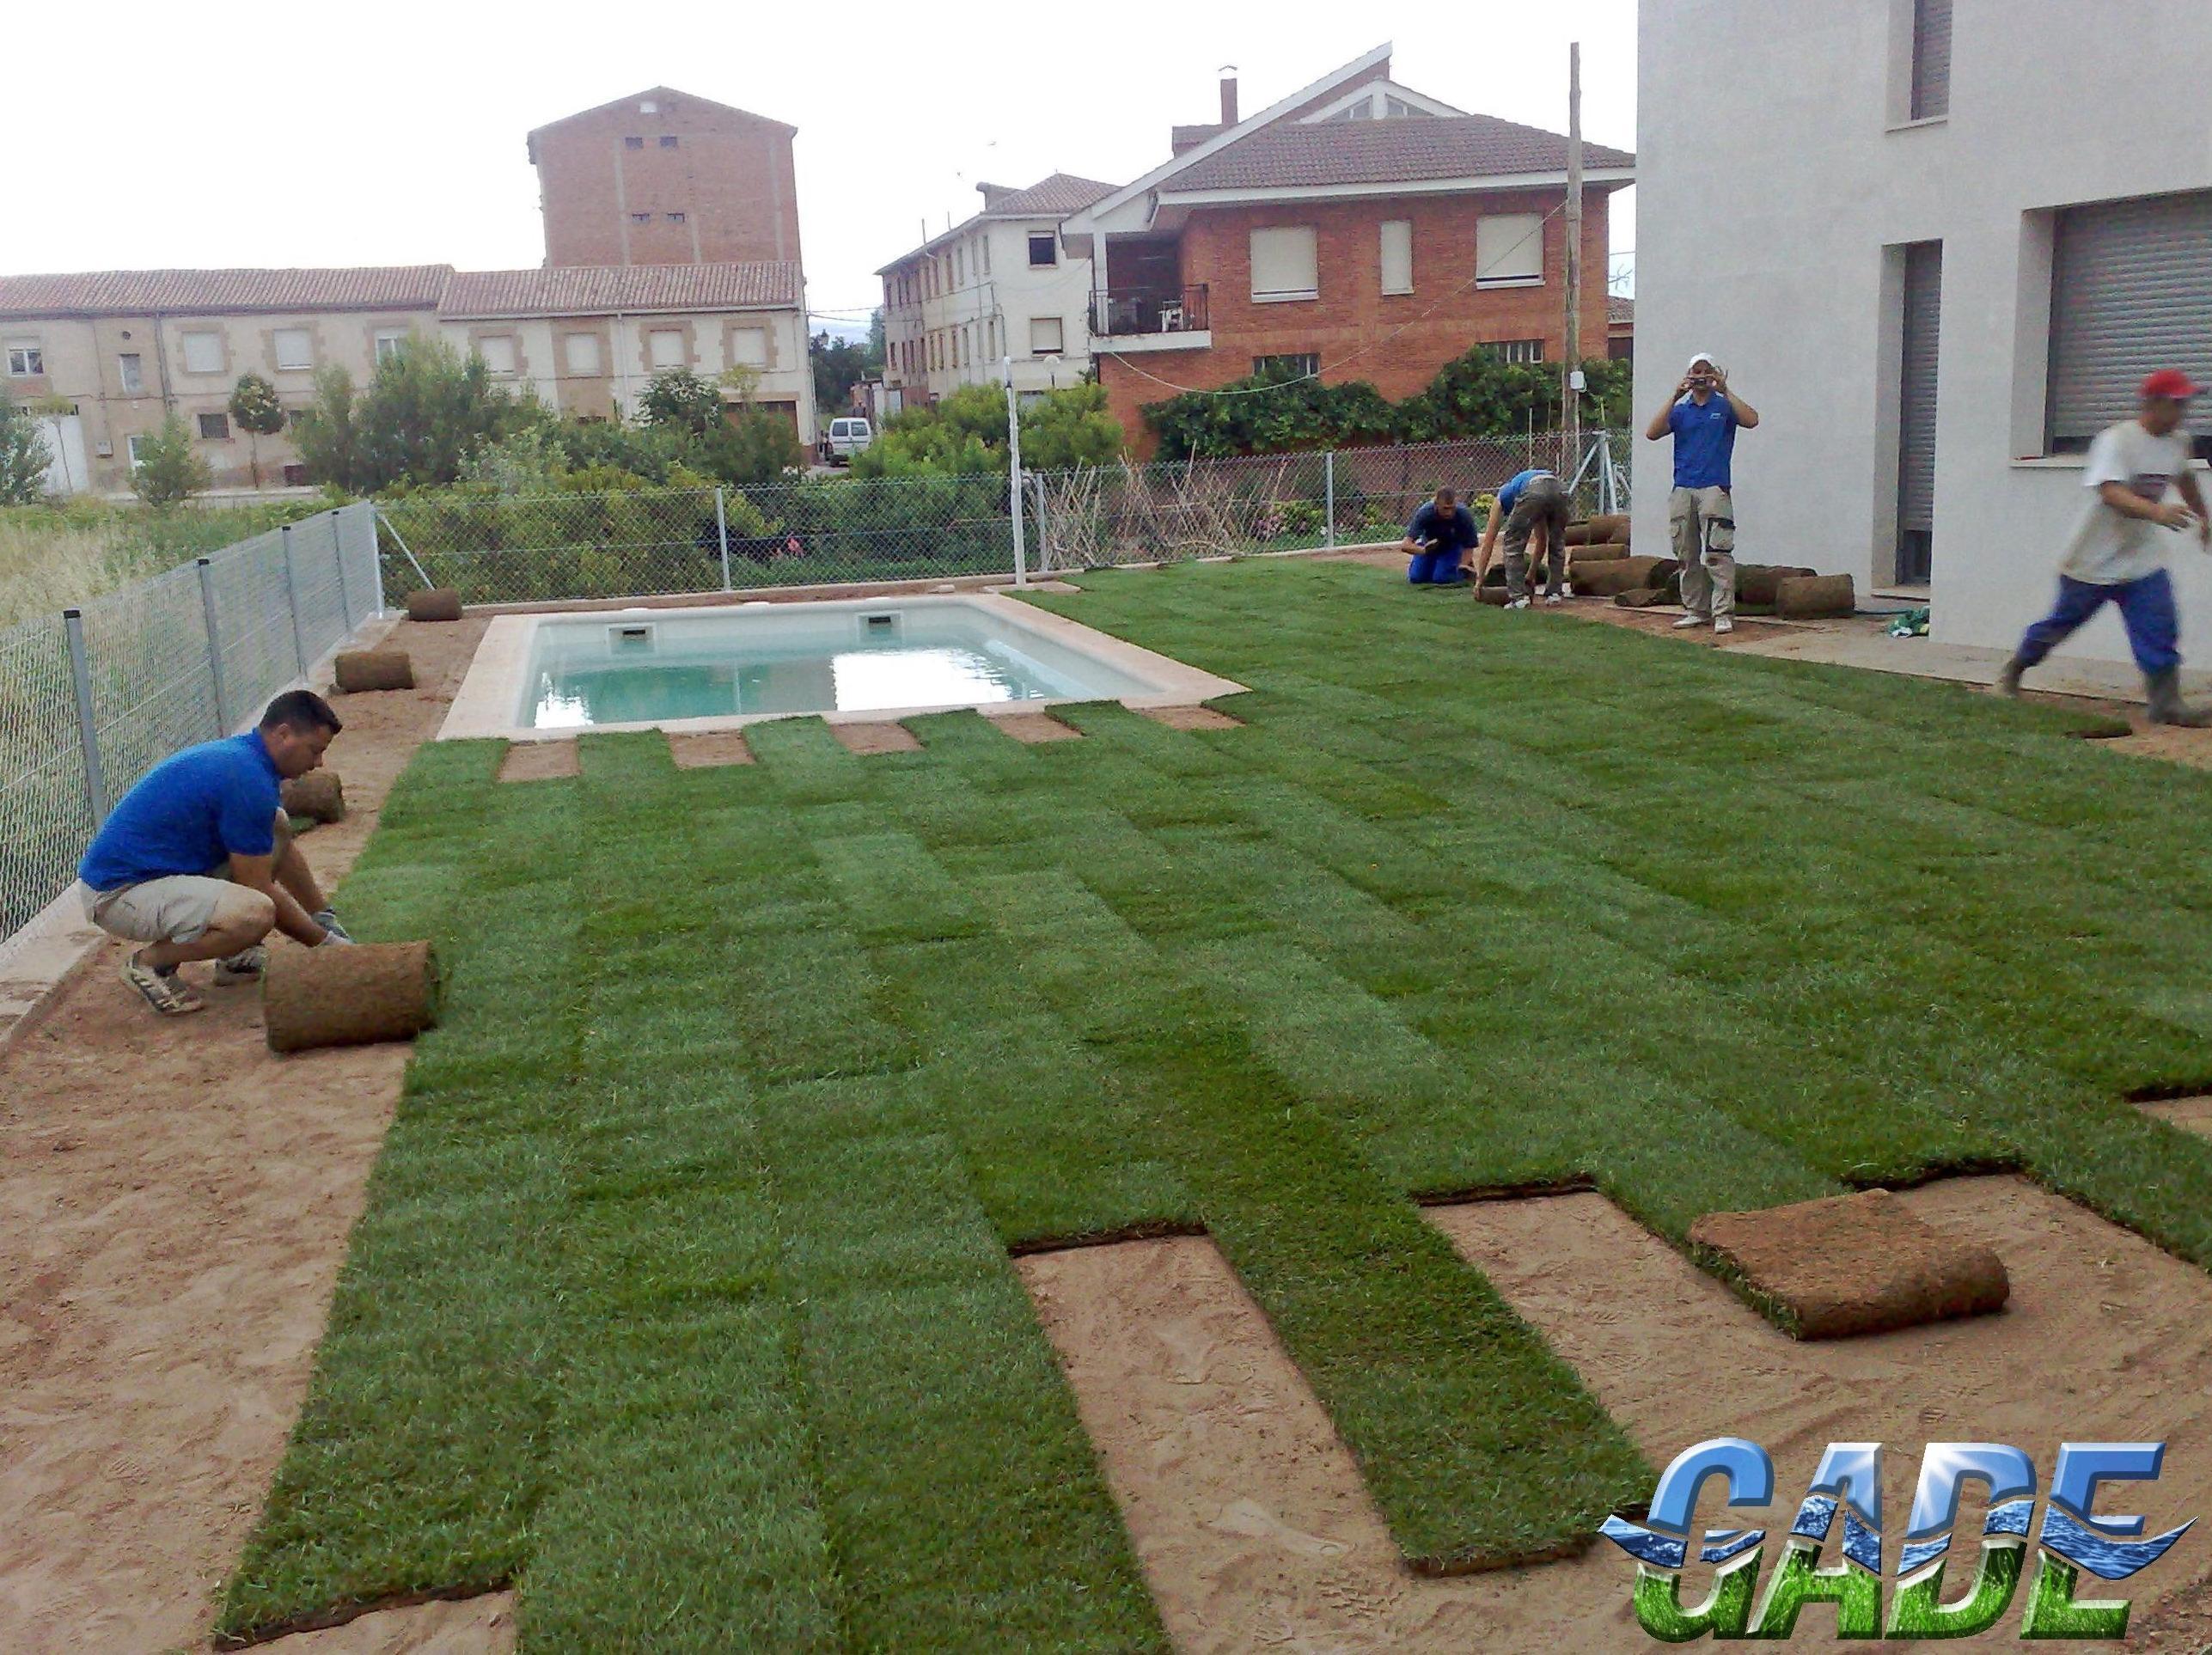 Foto 12 de Instalación de Piscinas en Logroño | Gade Piscinas y Jardines